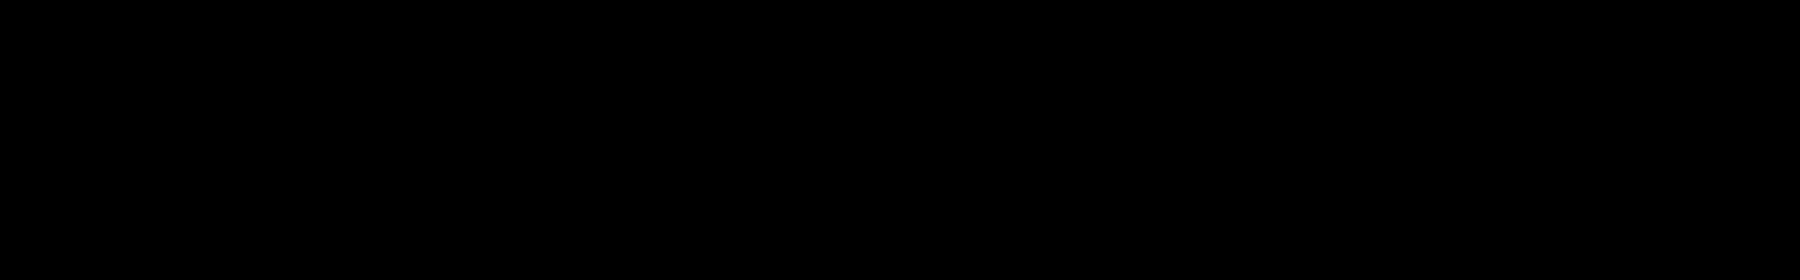 Psy Trance Evolution audio waveform